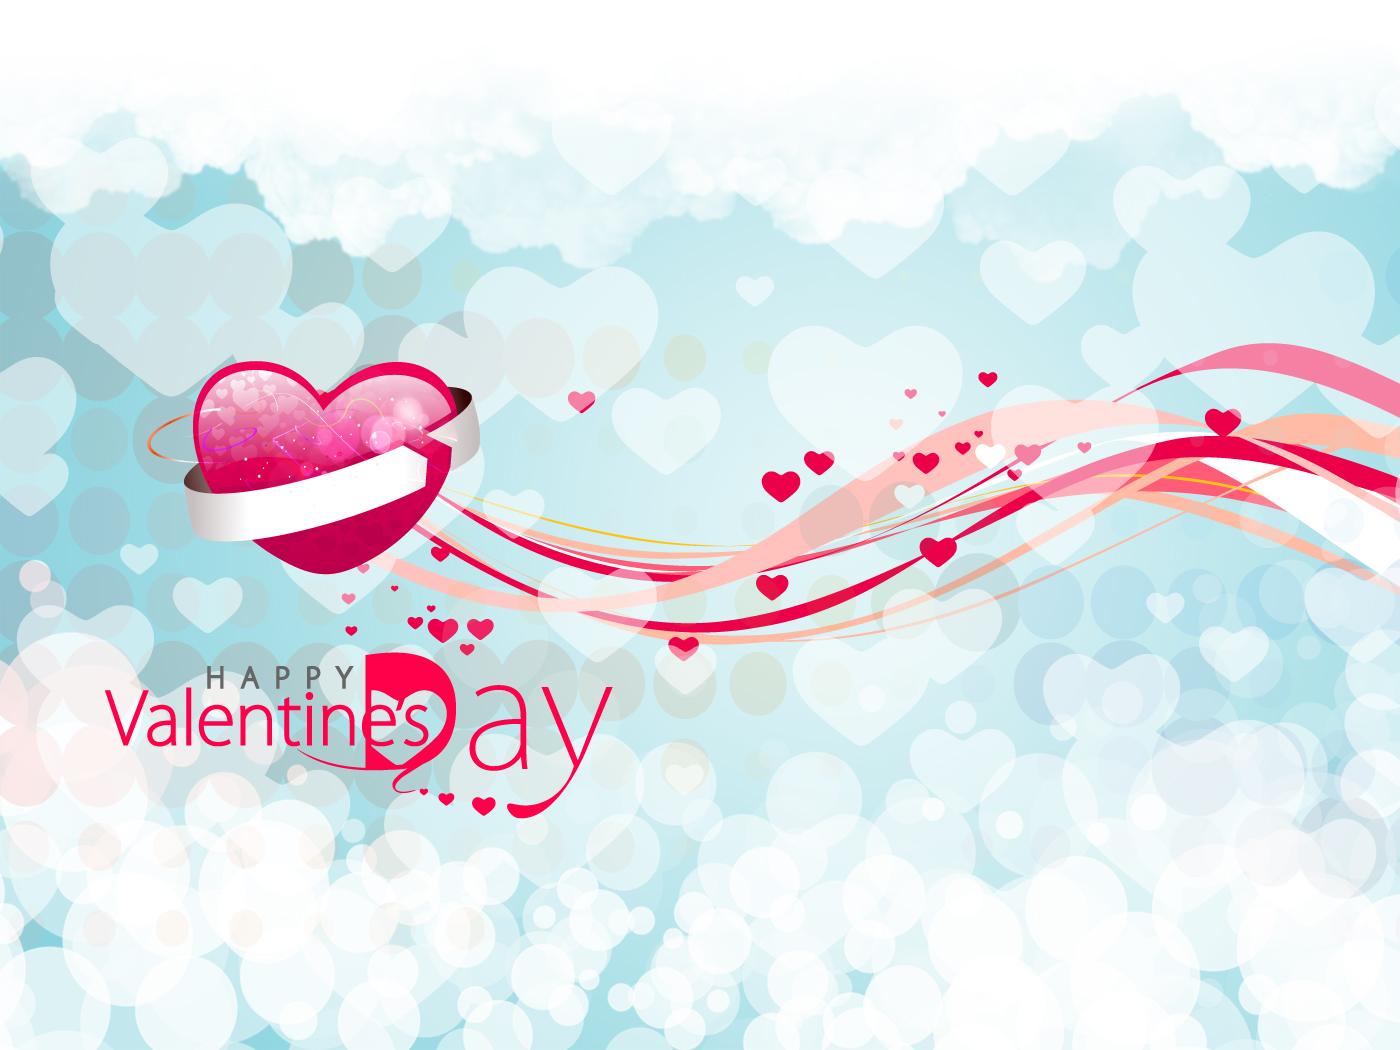 Happy Valentines Day by hamzahamo